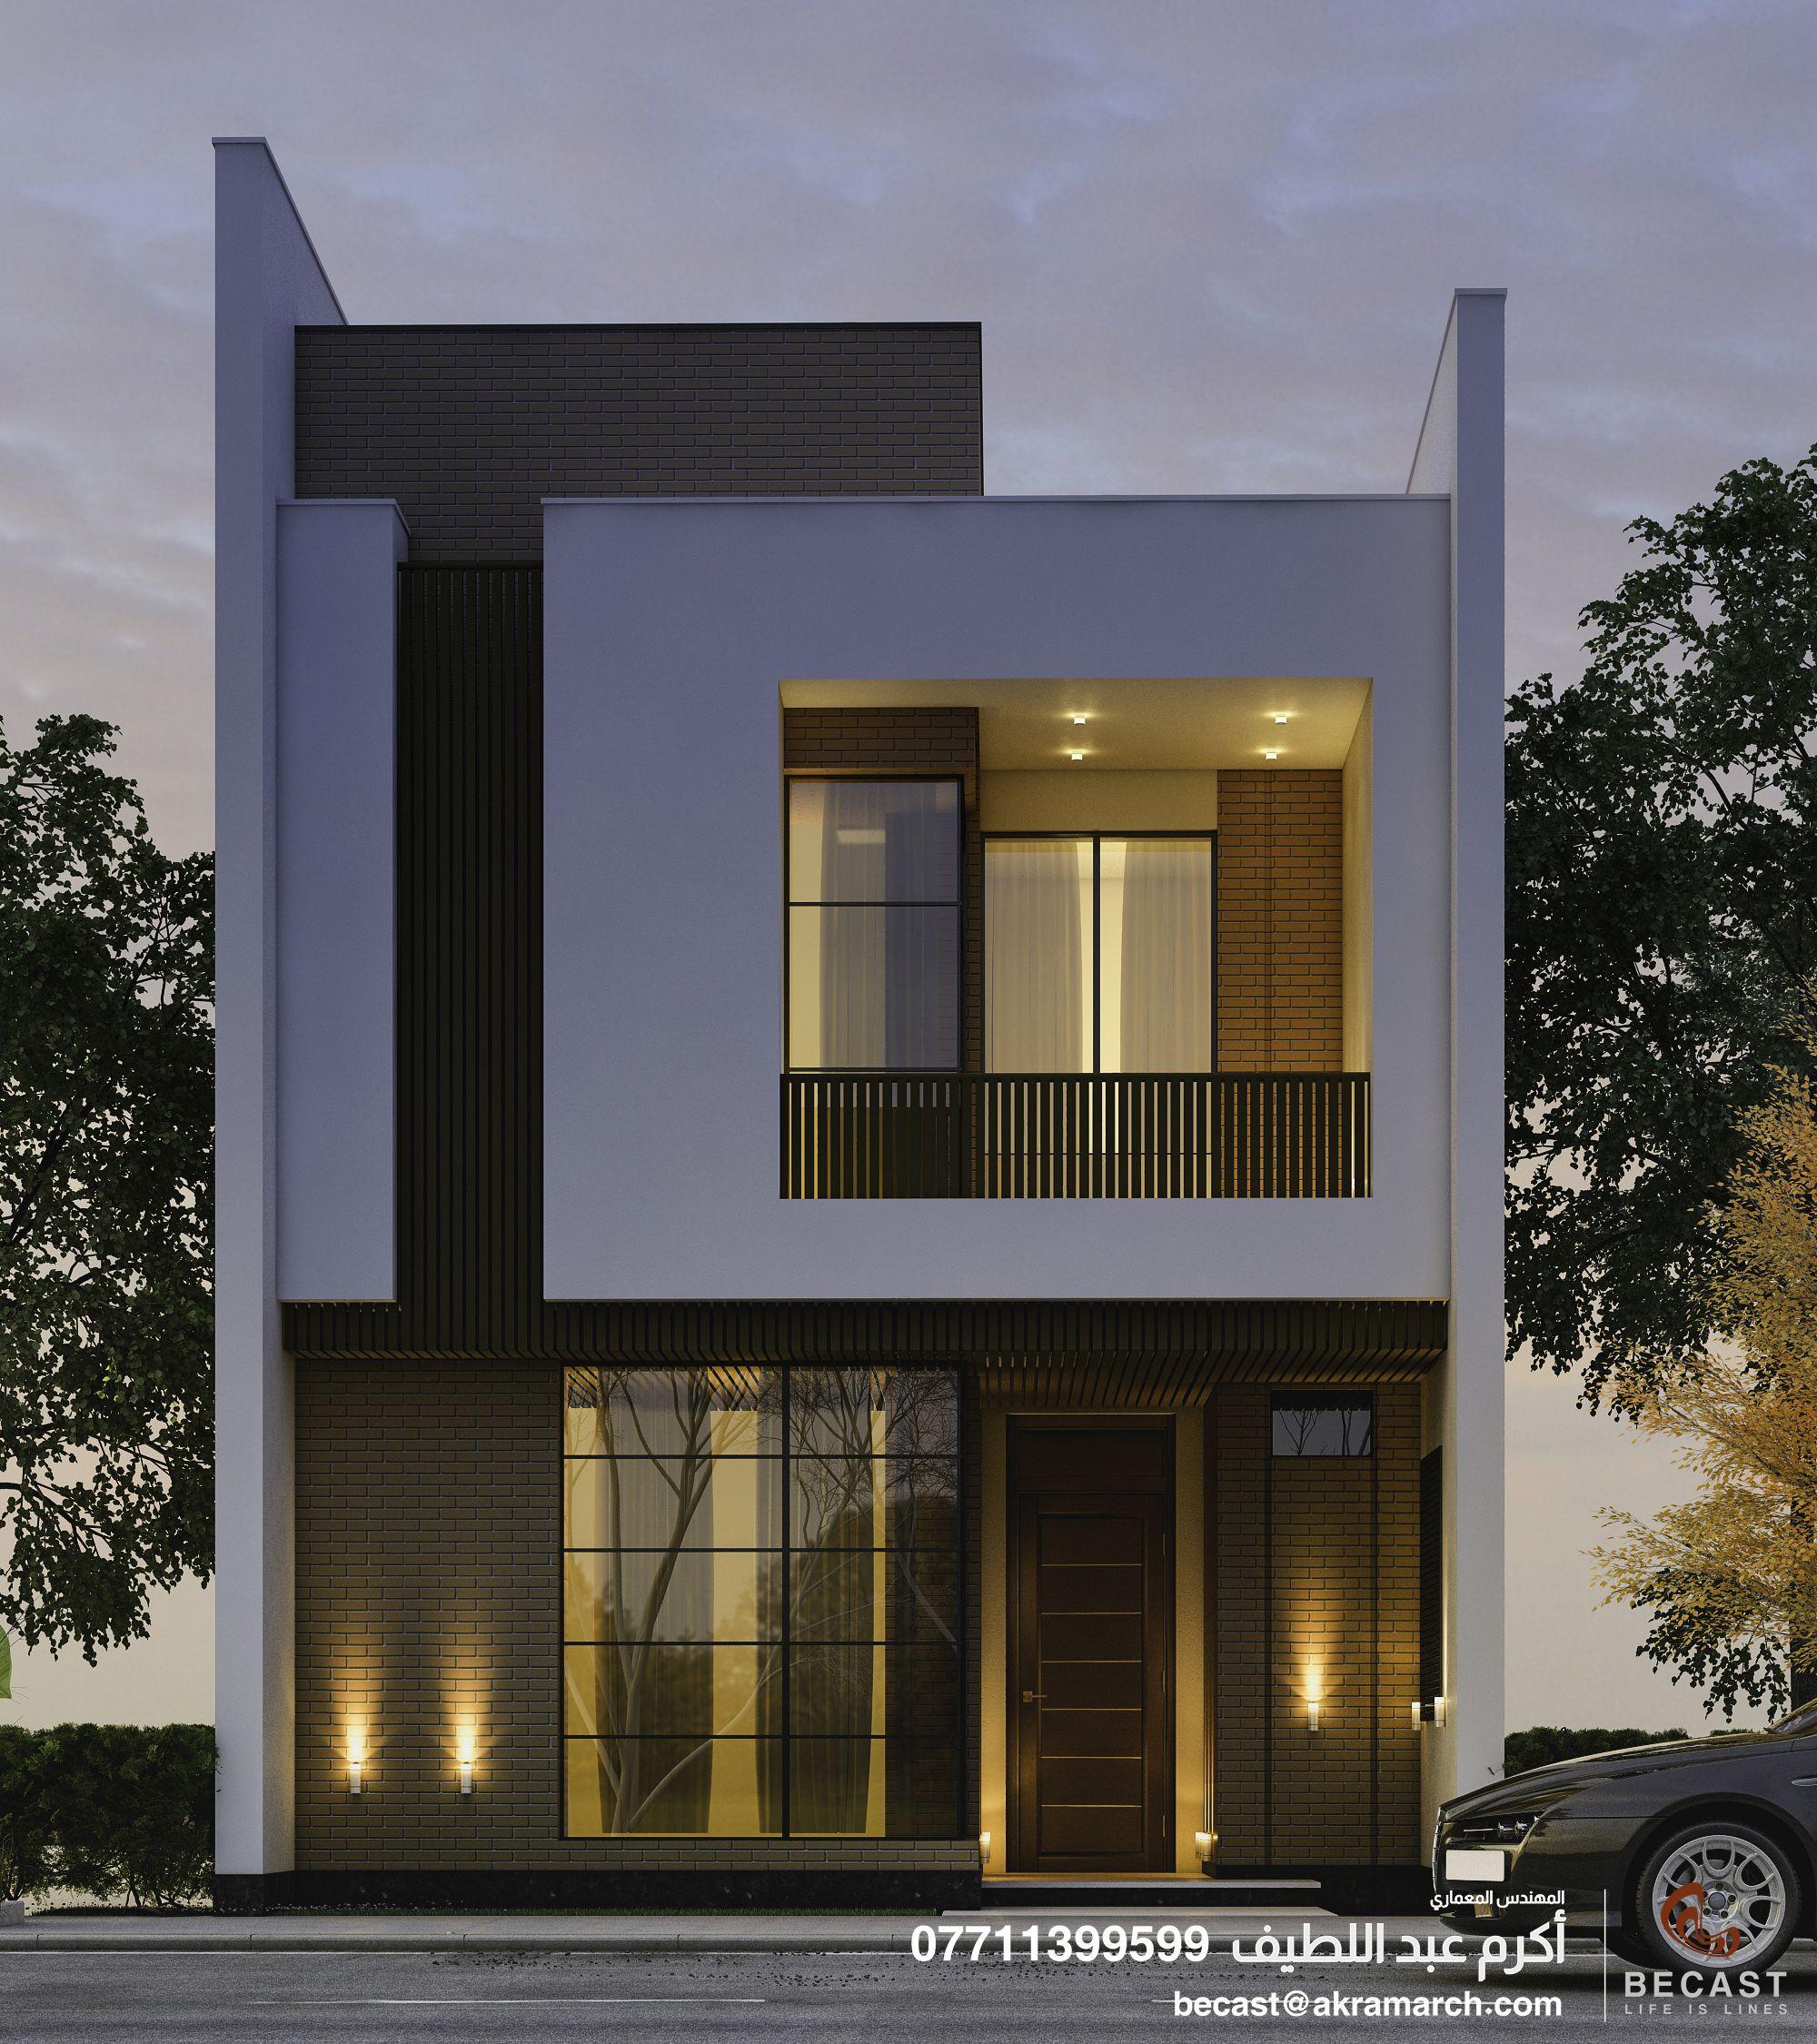 تصميم منزل واجهته 8 متر في محافظة البصرة House Styles House Home